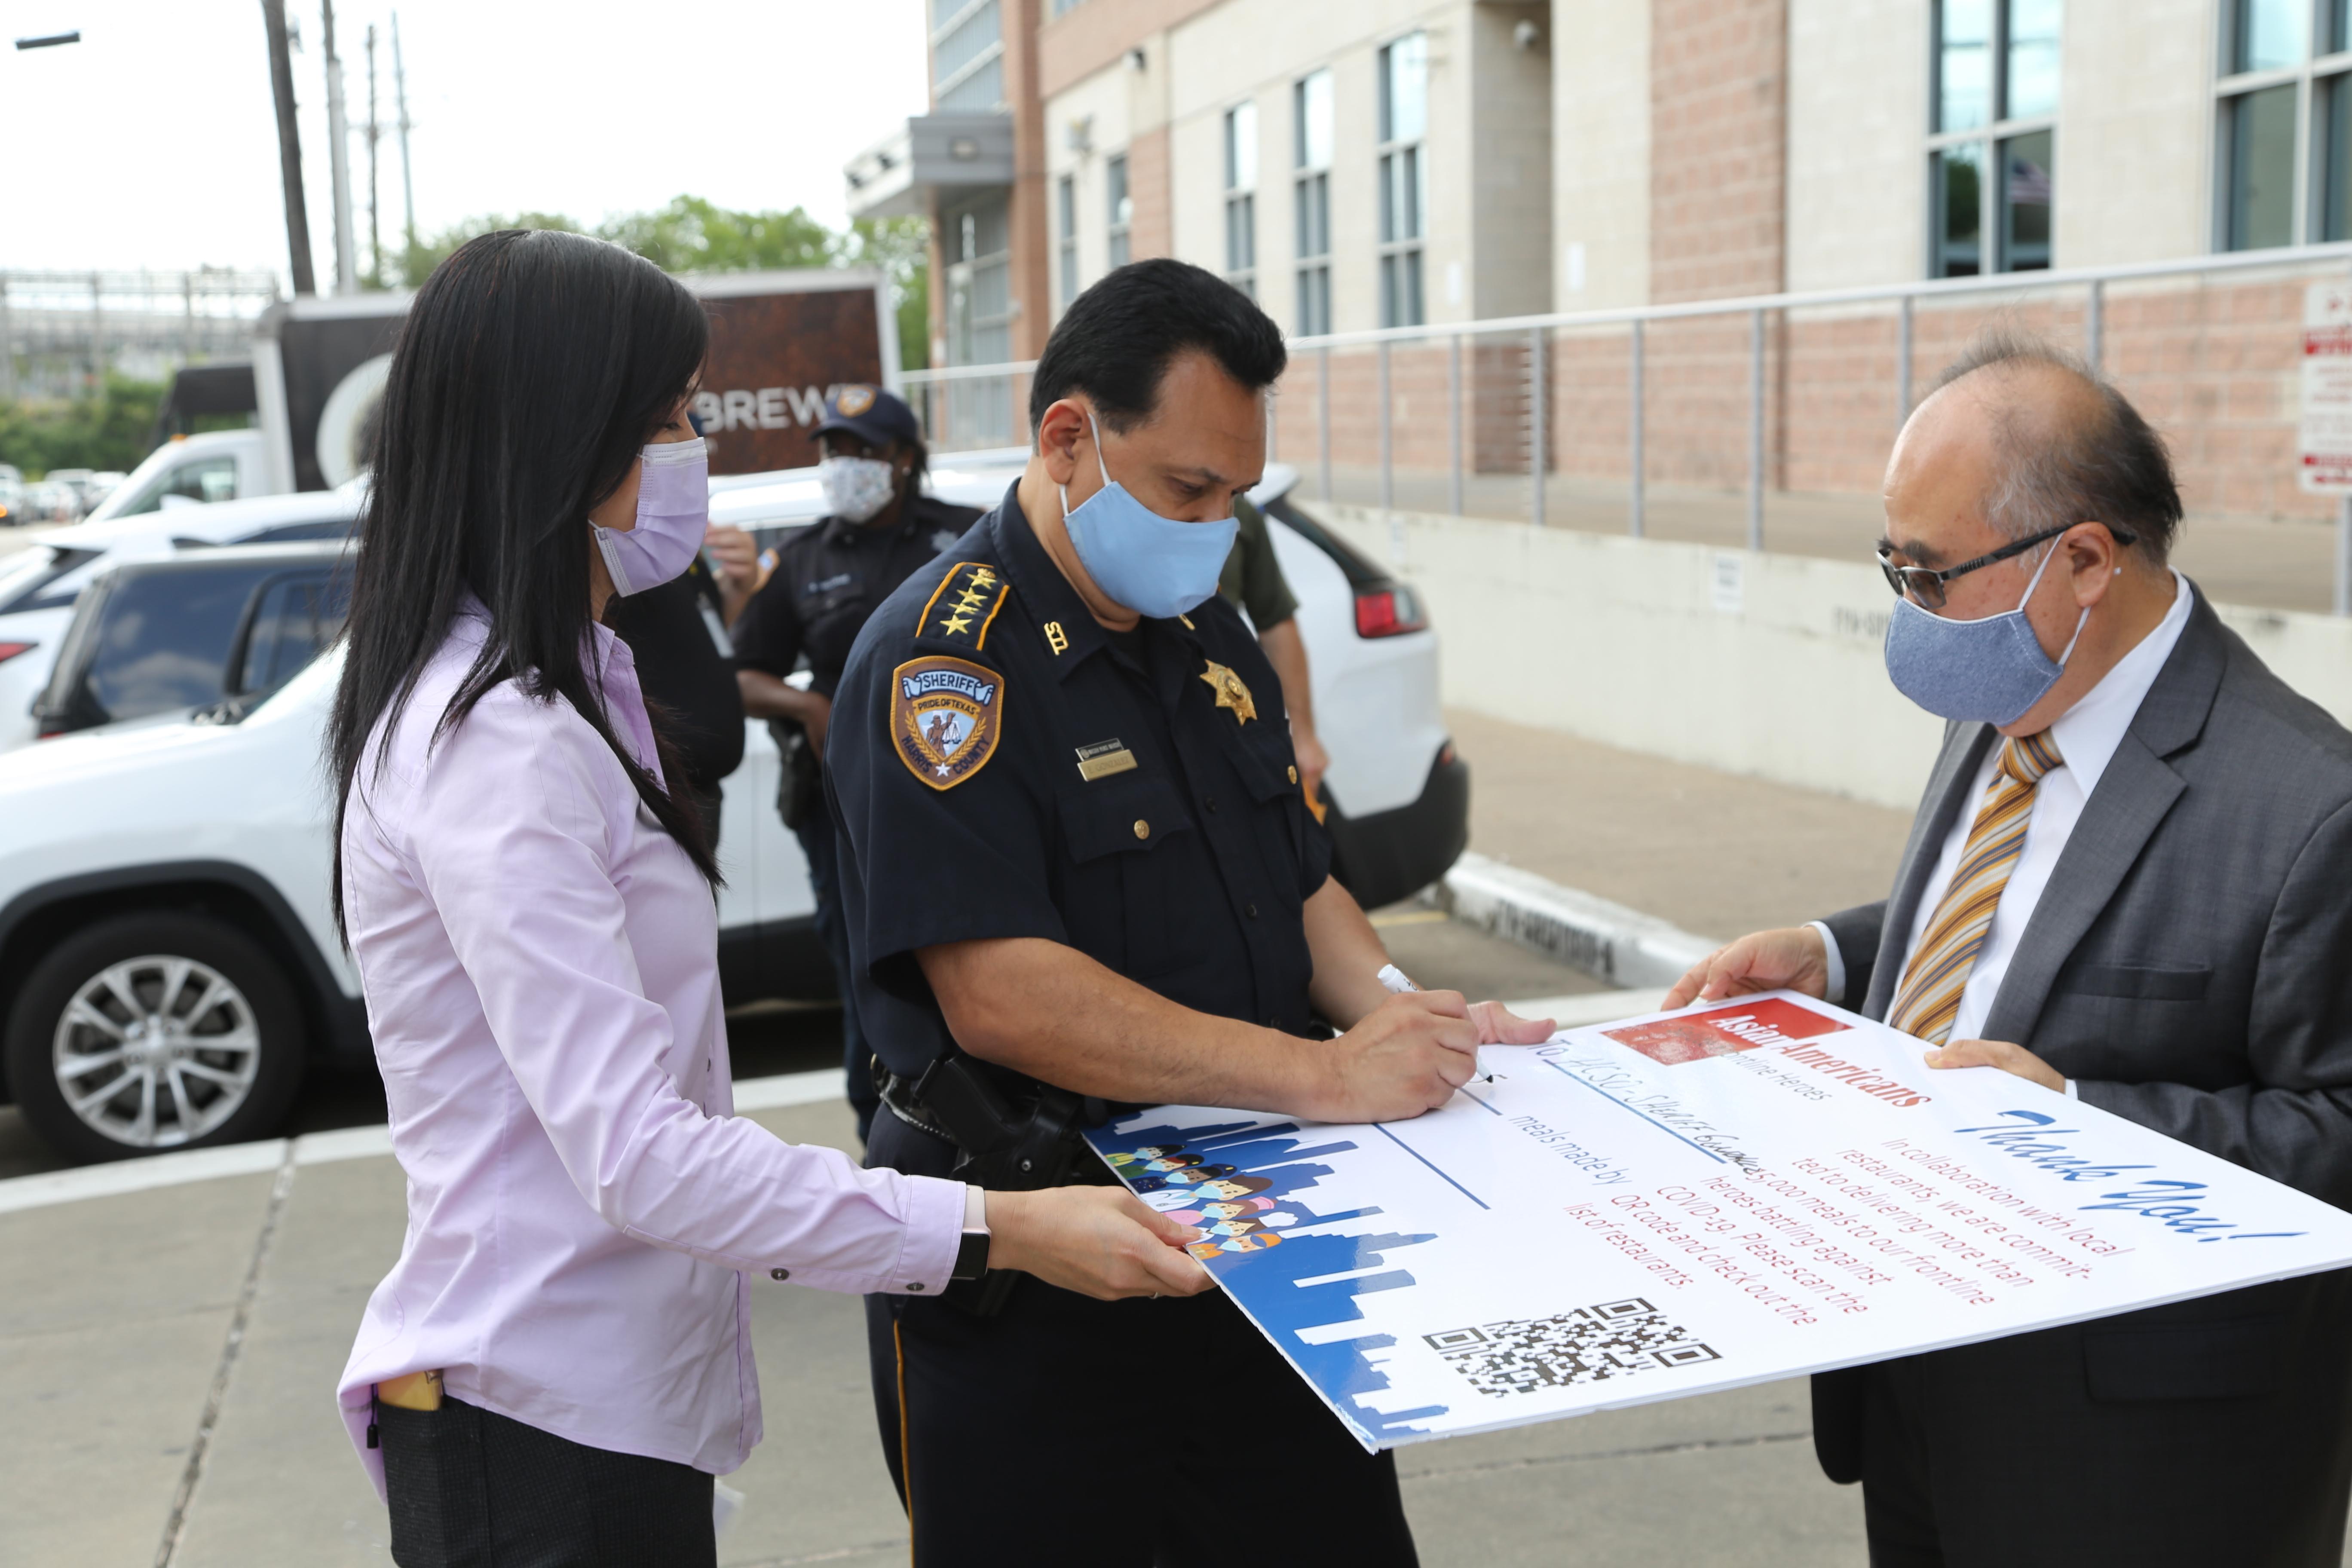 警長岡薩雷茲(中)親自在看板上簽字,感謝亞裔美國人的貢獻。(記者封昌明/攝影)